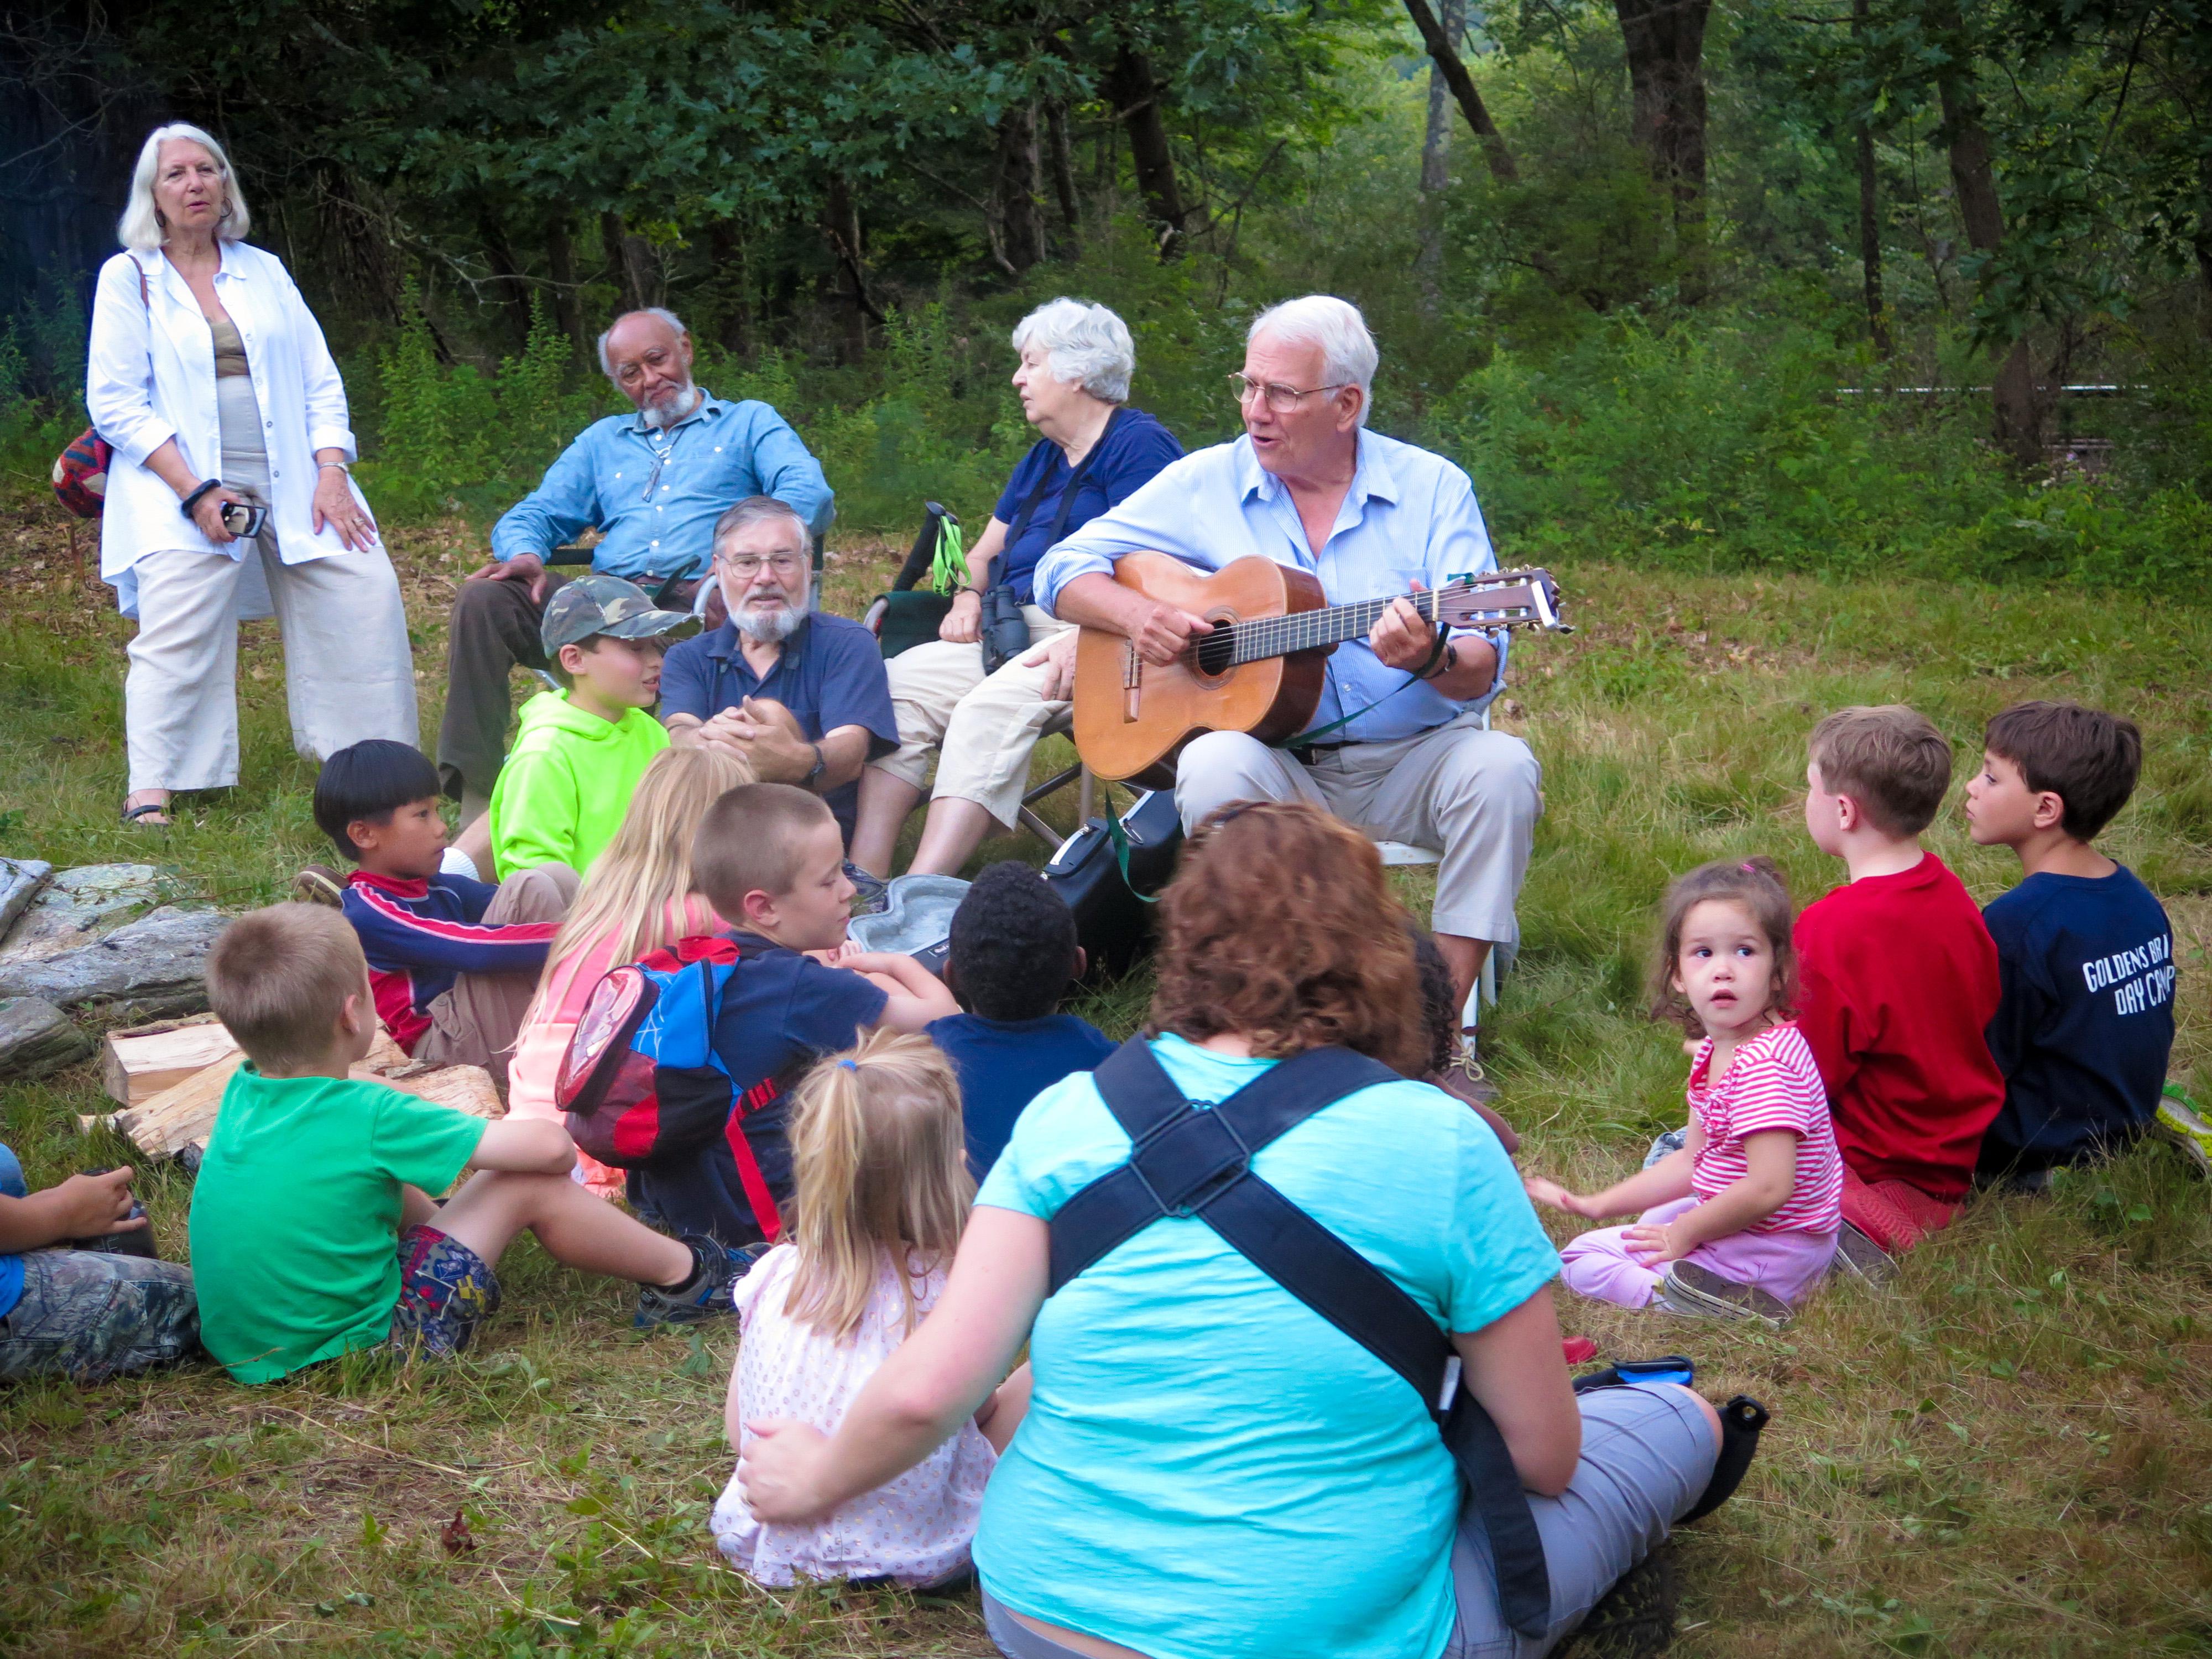 John Baker's fireside concert